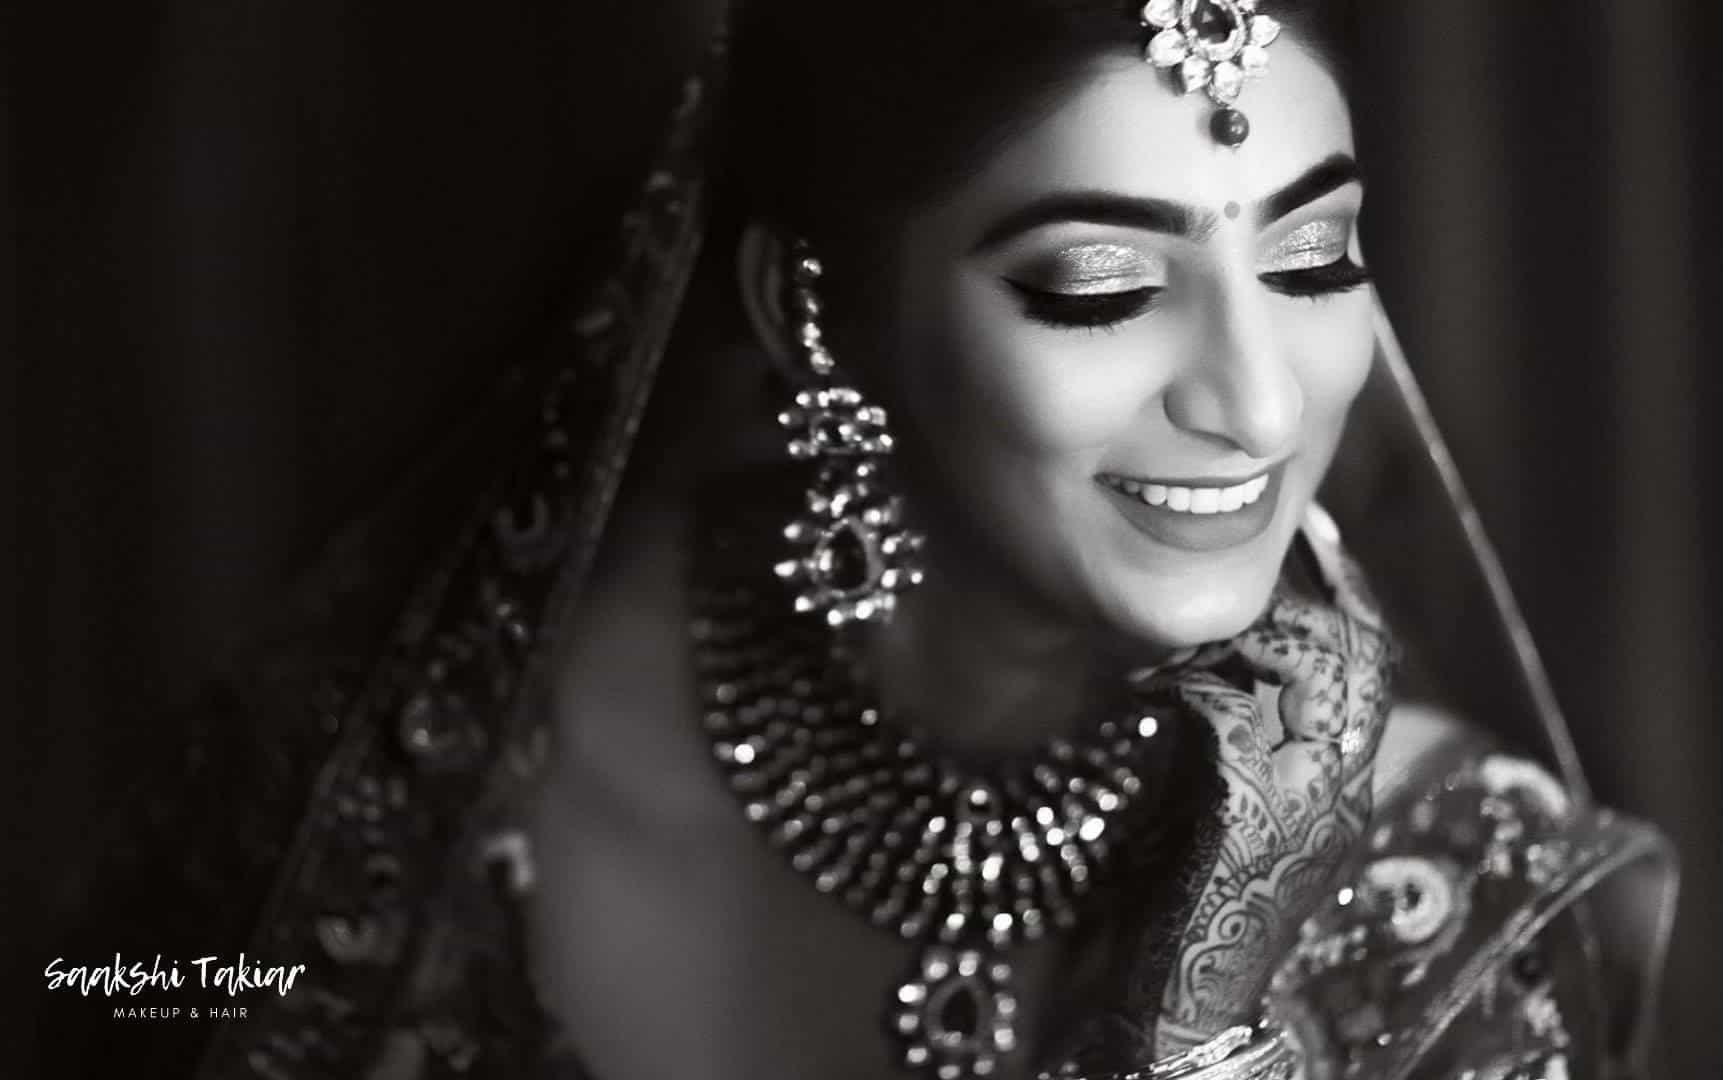 Saakshi Takiarr- makeup artist